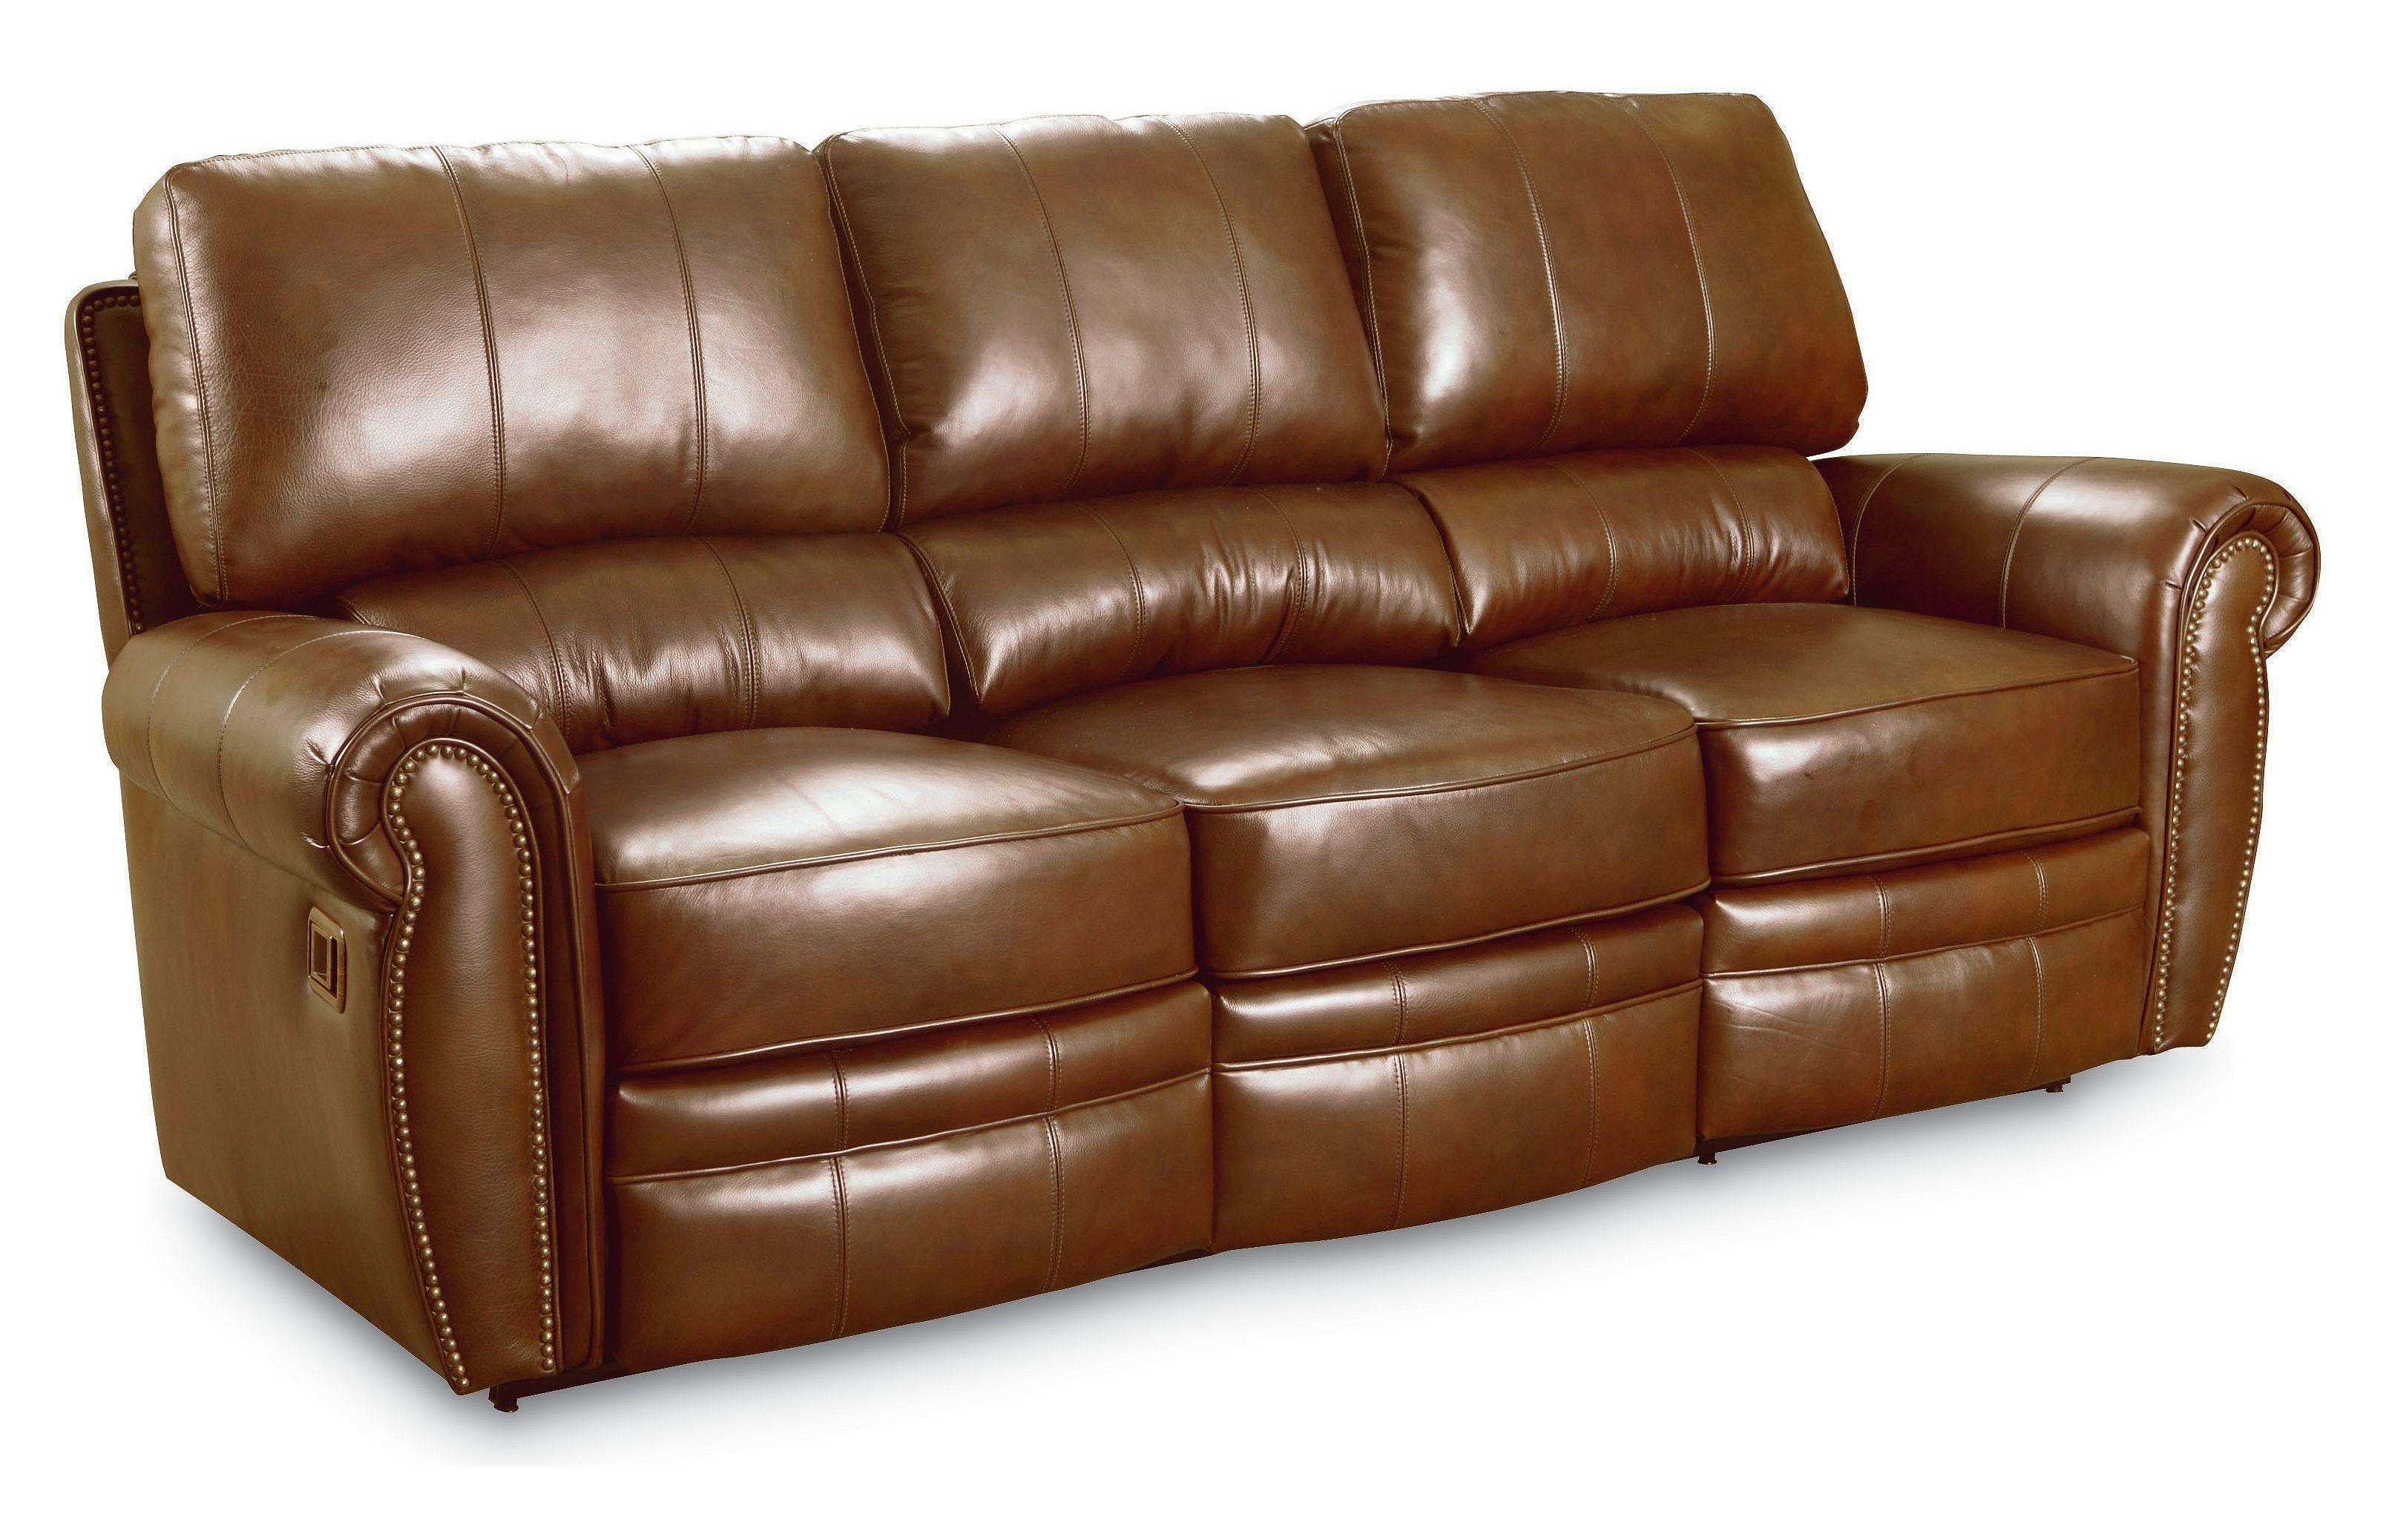 Rockford Double Reclining Sofa By Lane Reclining Sofa Sofa